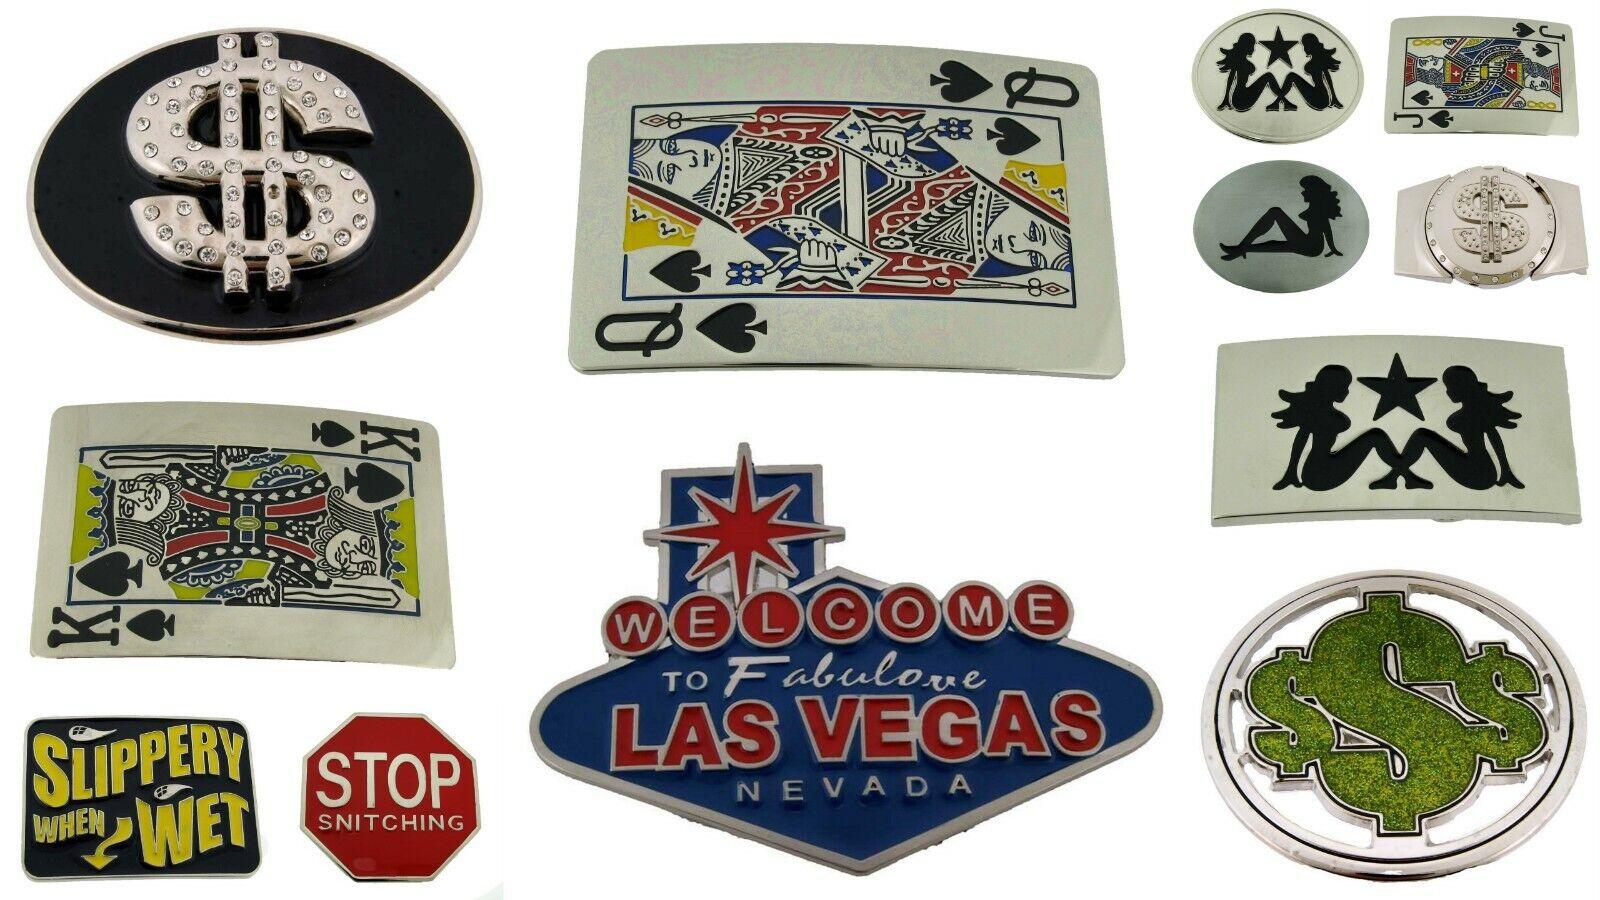 12 Jack Königin König Von Spaten Las Vegas Geld Großhandel Viel Gürtelschnalle